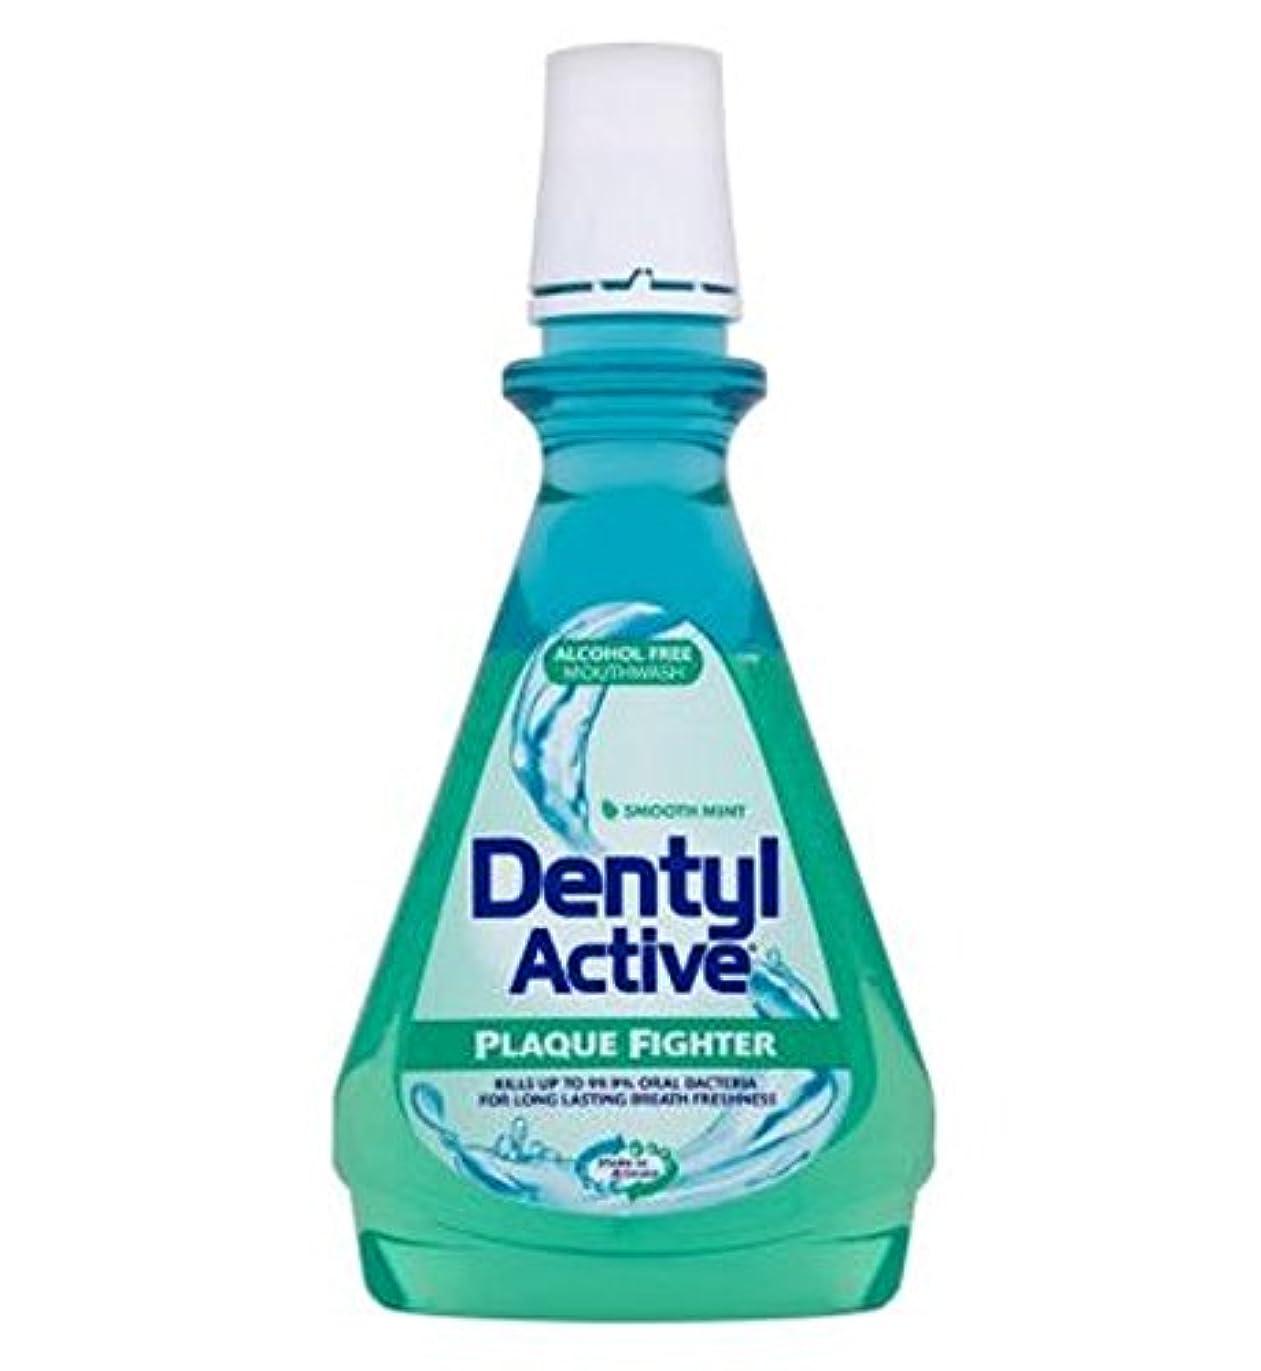 コンプライアンスデマンド安らぎDentyl Active Smooth Mint Mouthwash 500ml - Dentylアクティブな滑らかなミントマウスウォッシュ500ミリリットル (Dentyl) [並行輸入品]